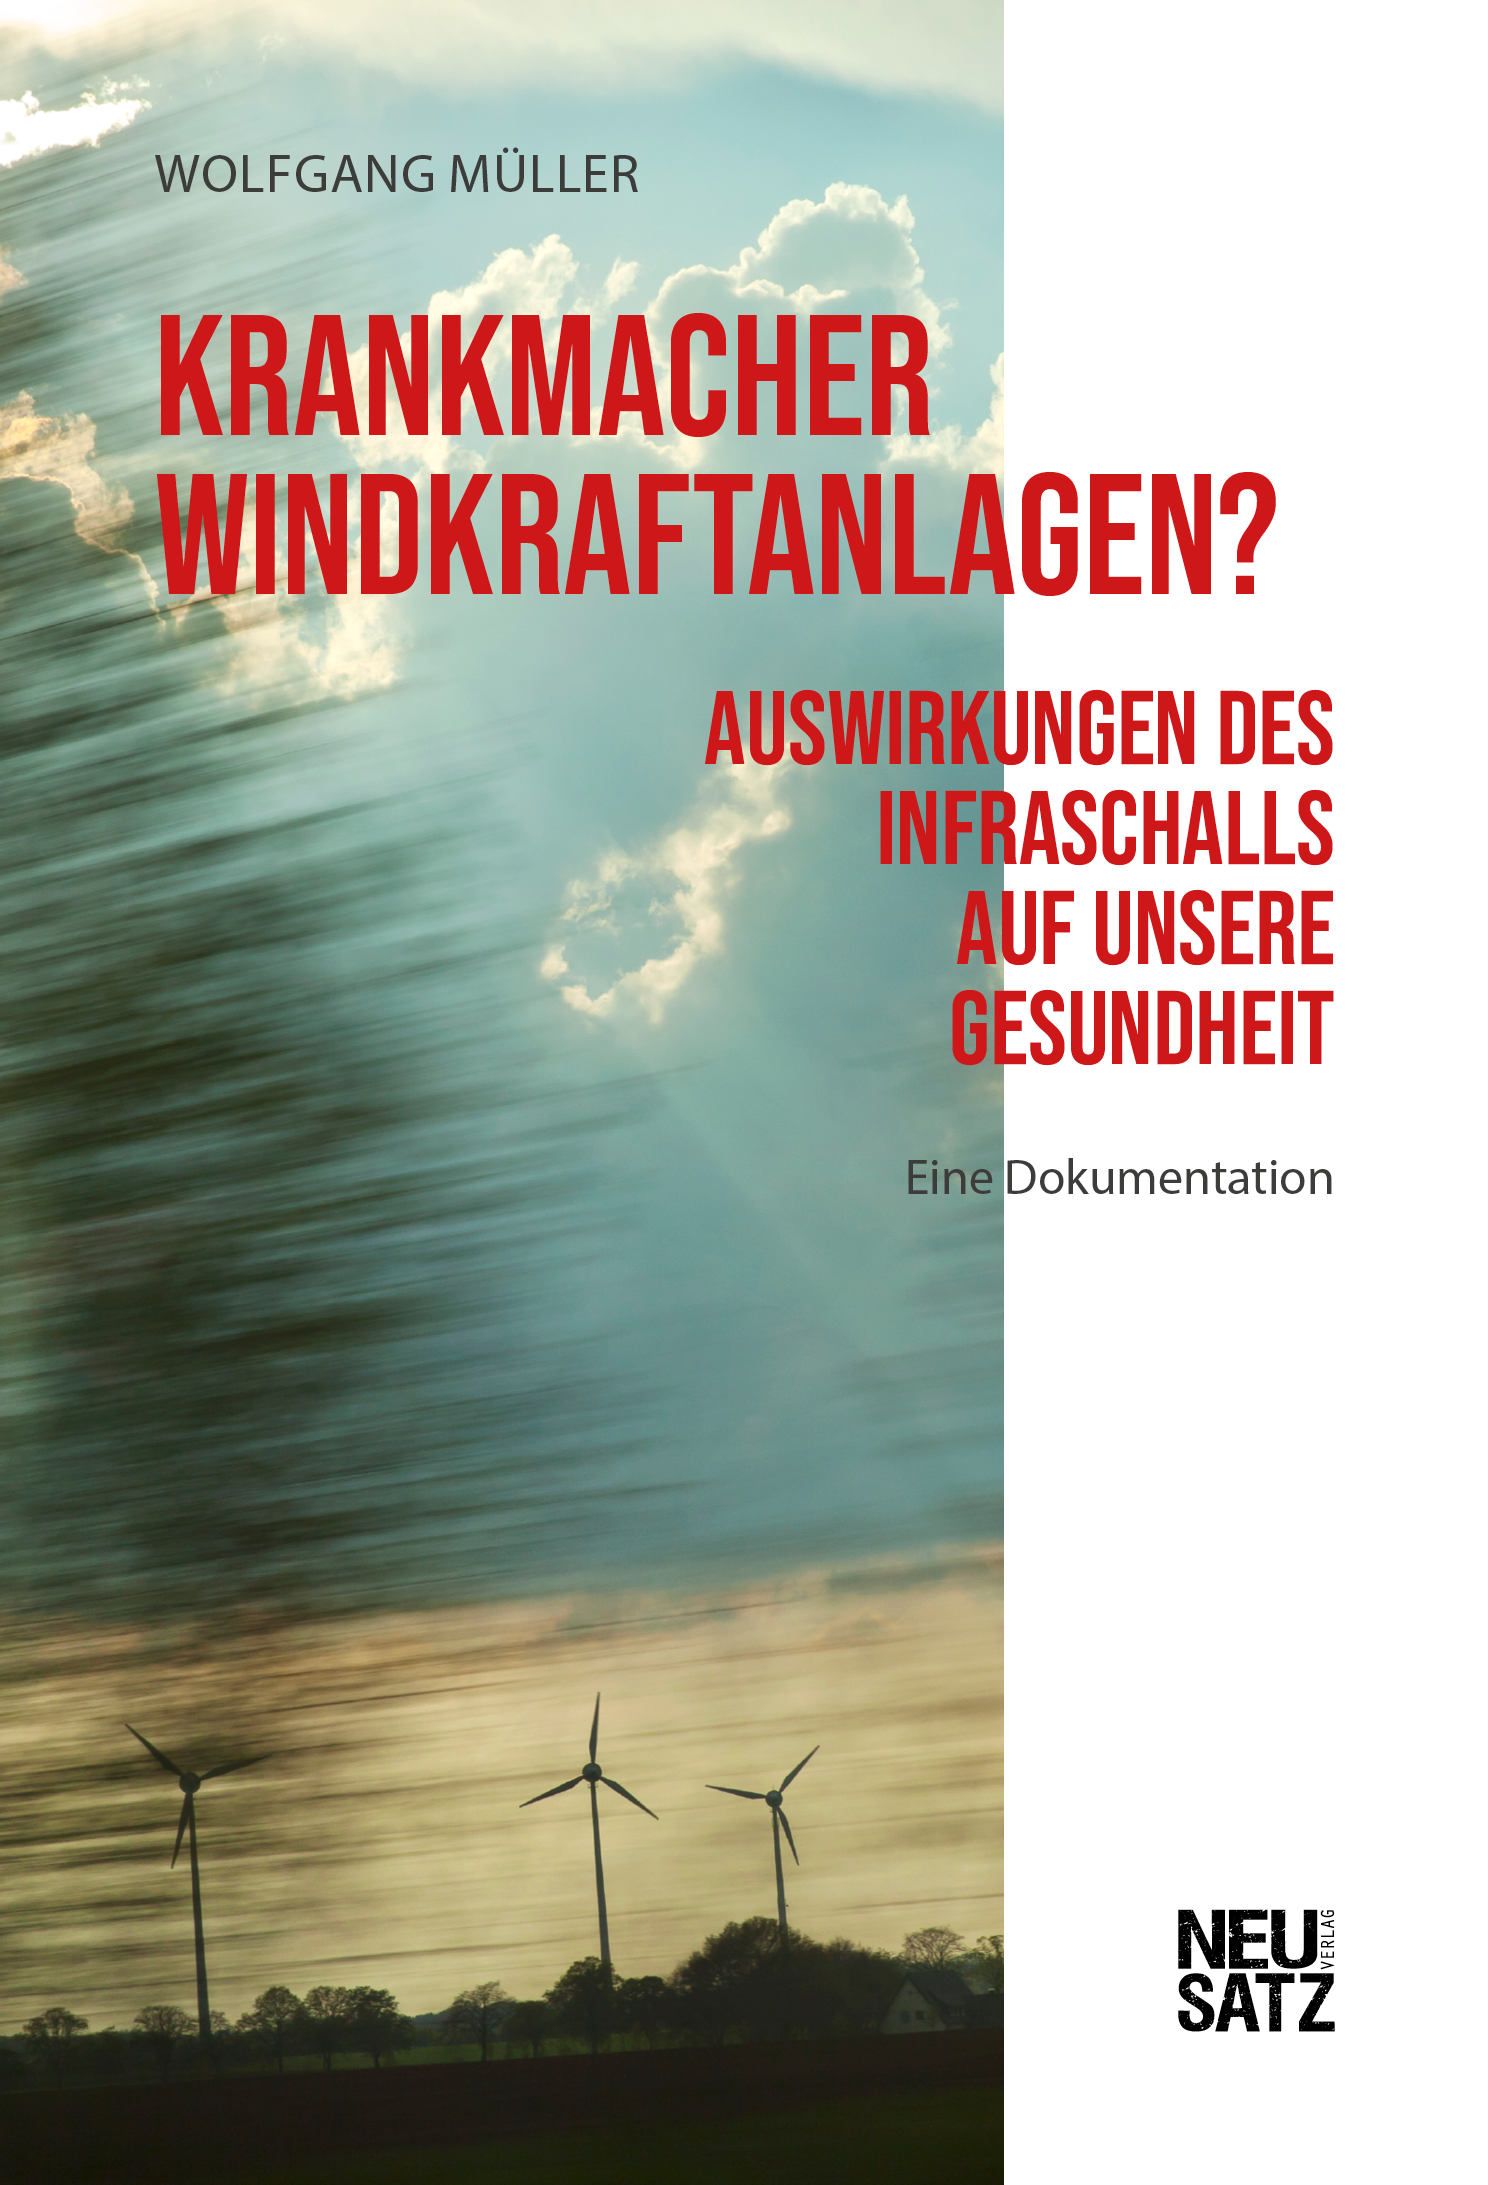 Krankmacher Windkraftanlagen? Welche Auswirkungen haben die gigantischen Industrieanlagen auf unsere Gesundheit?